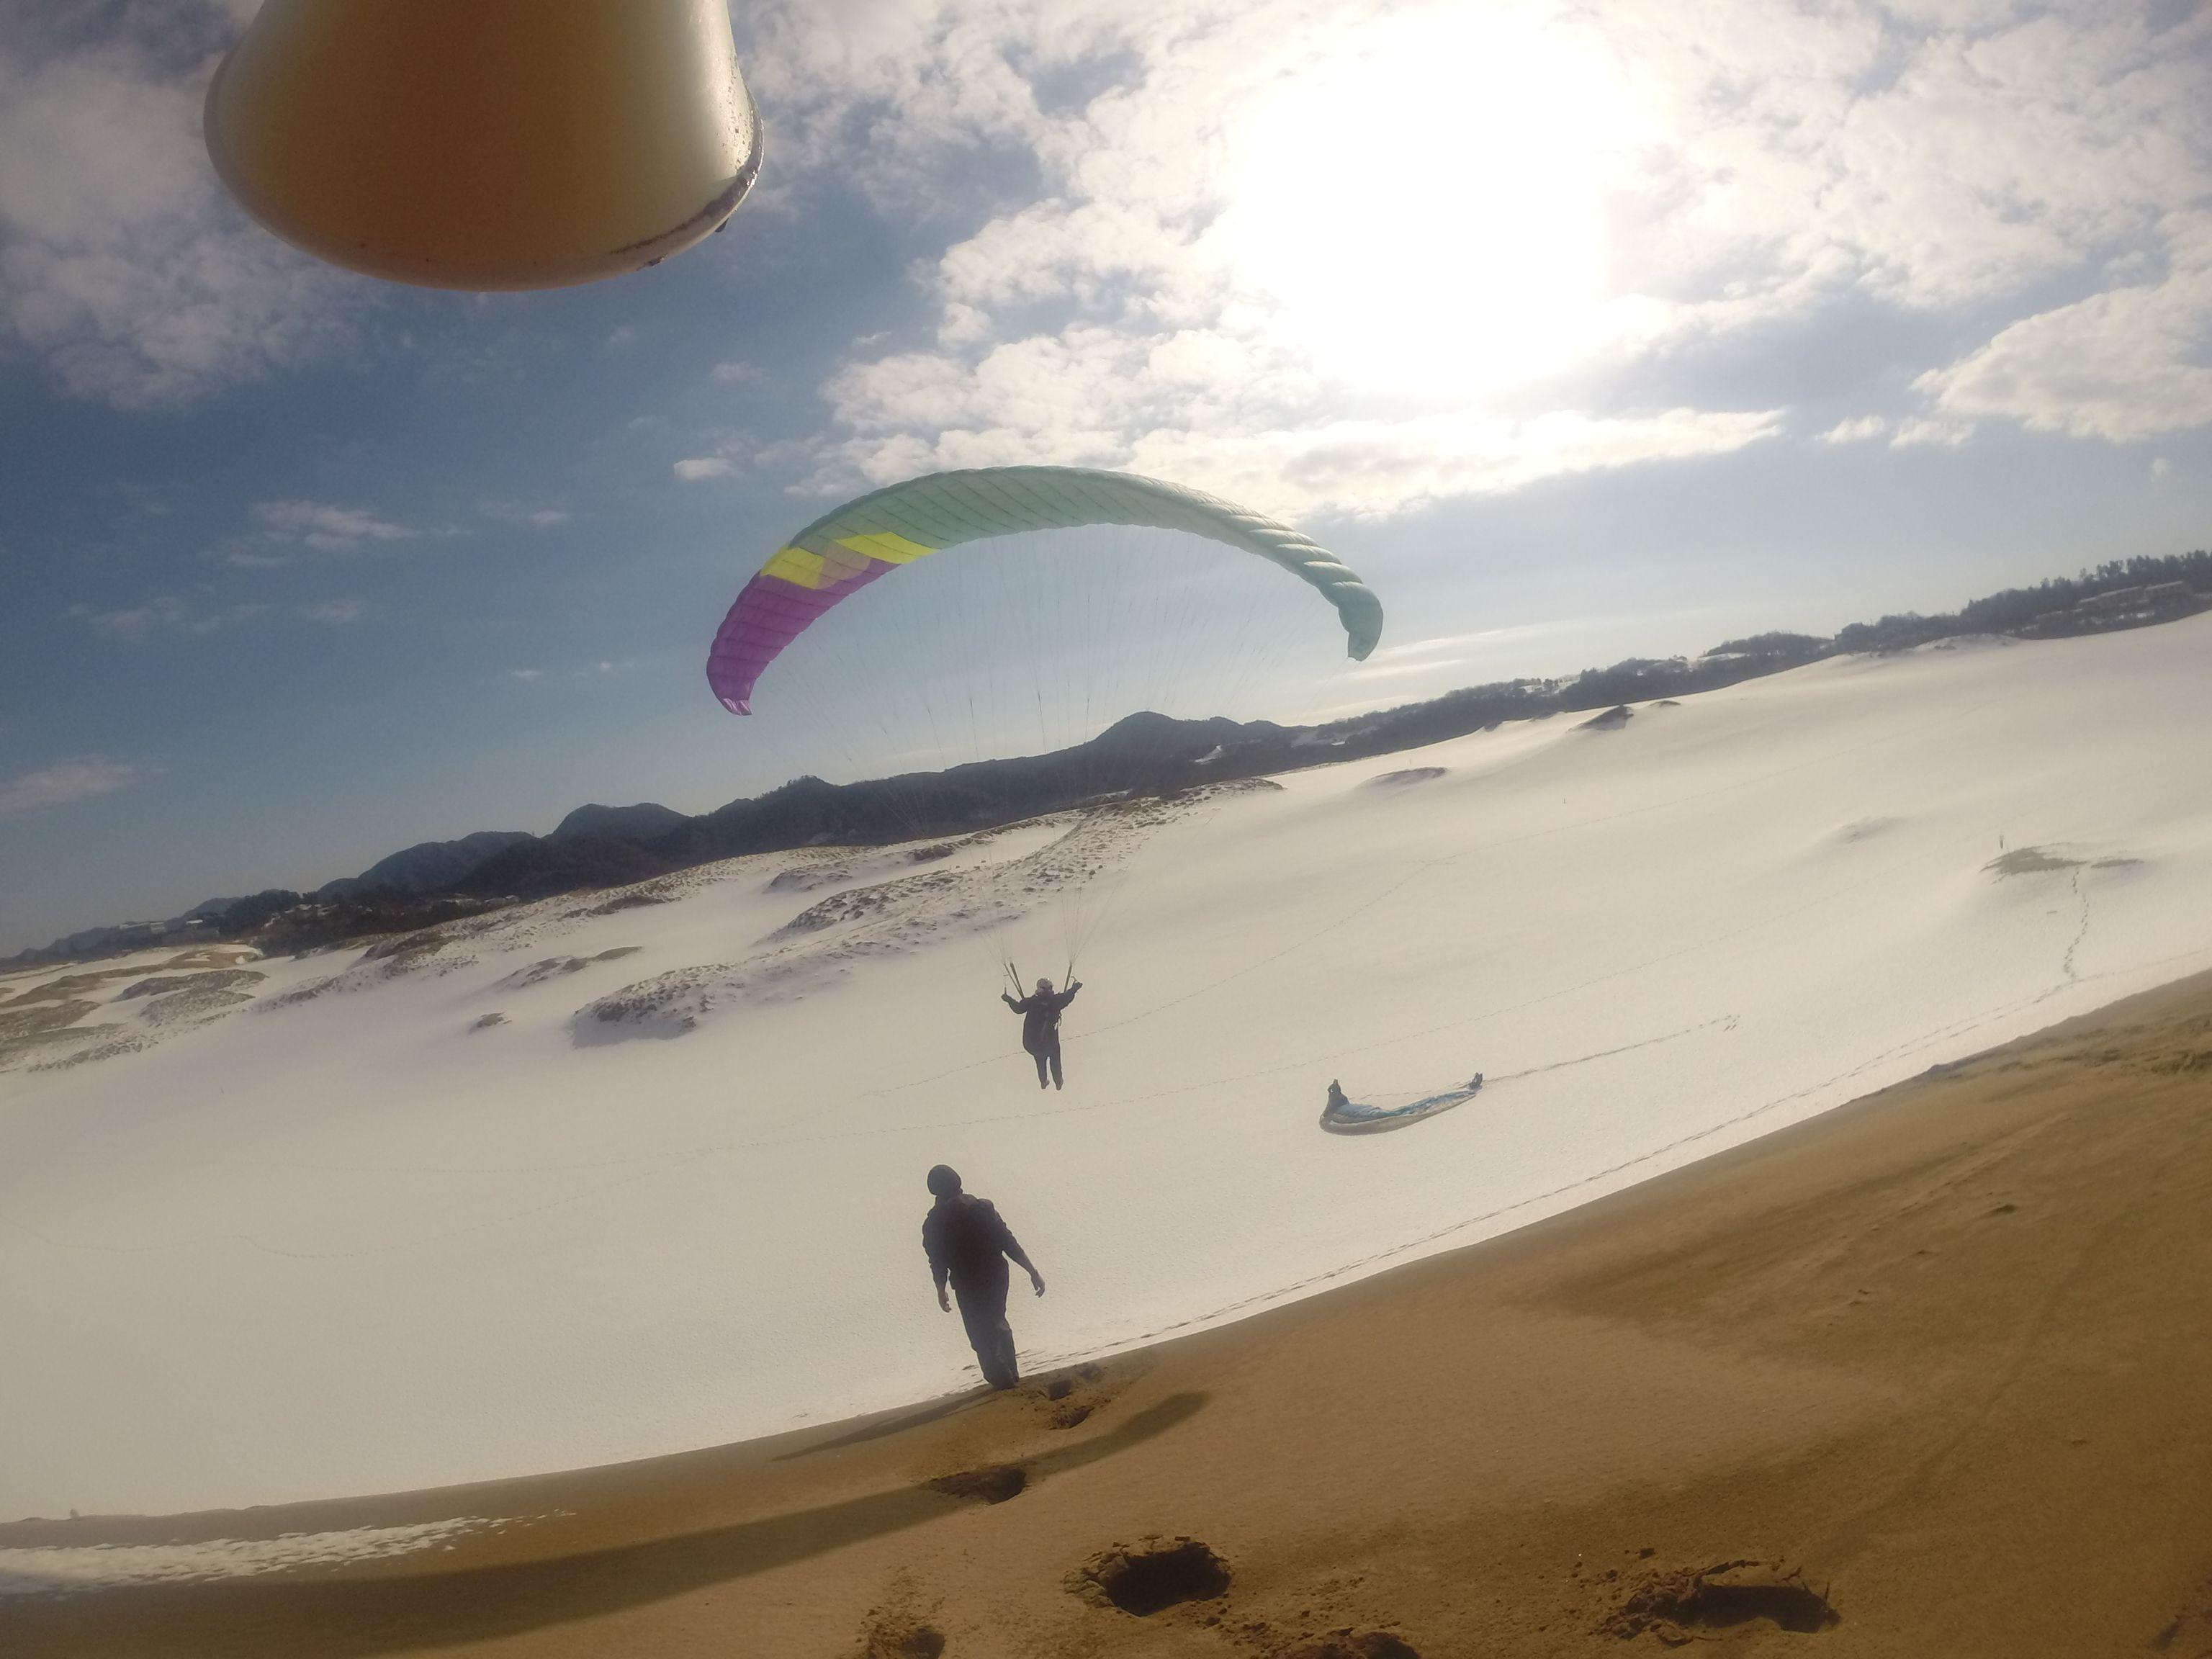 優雅に楽しめた、冬のパラグライダー体験